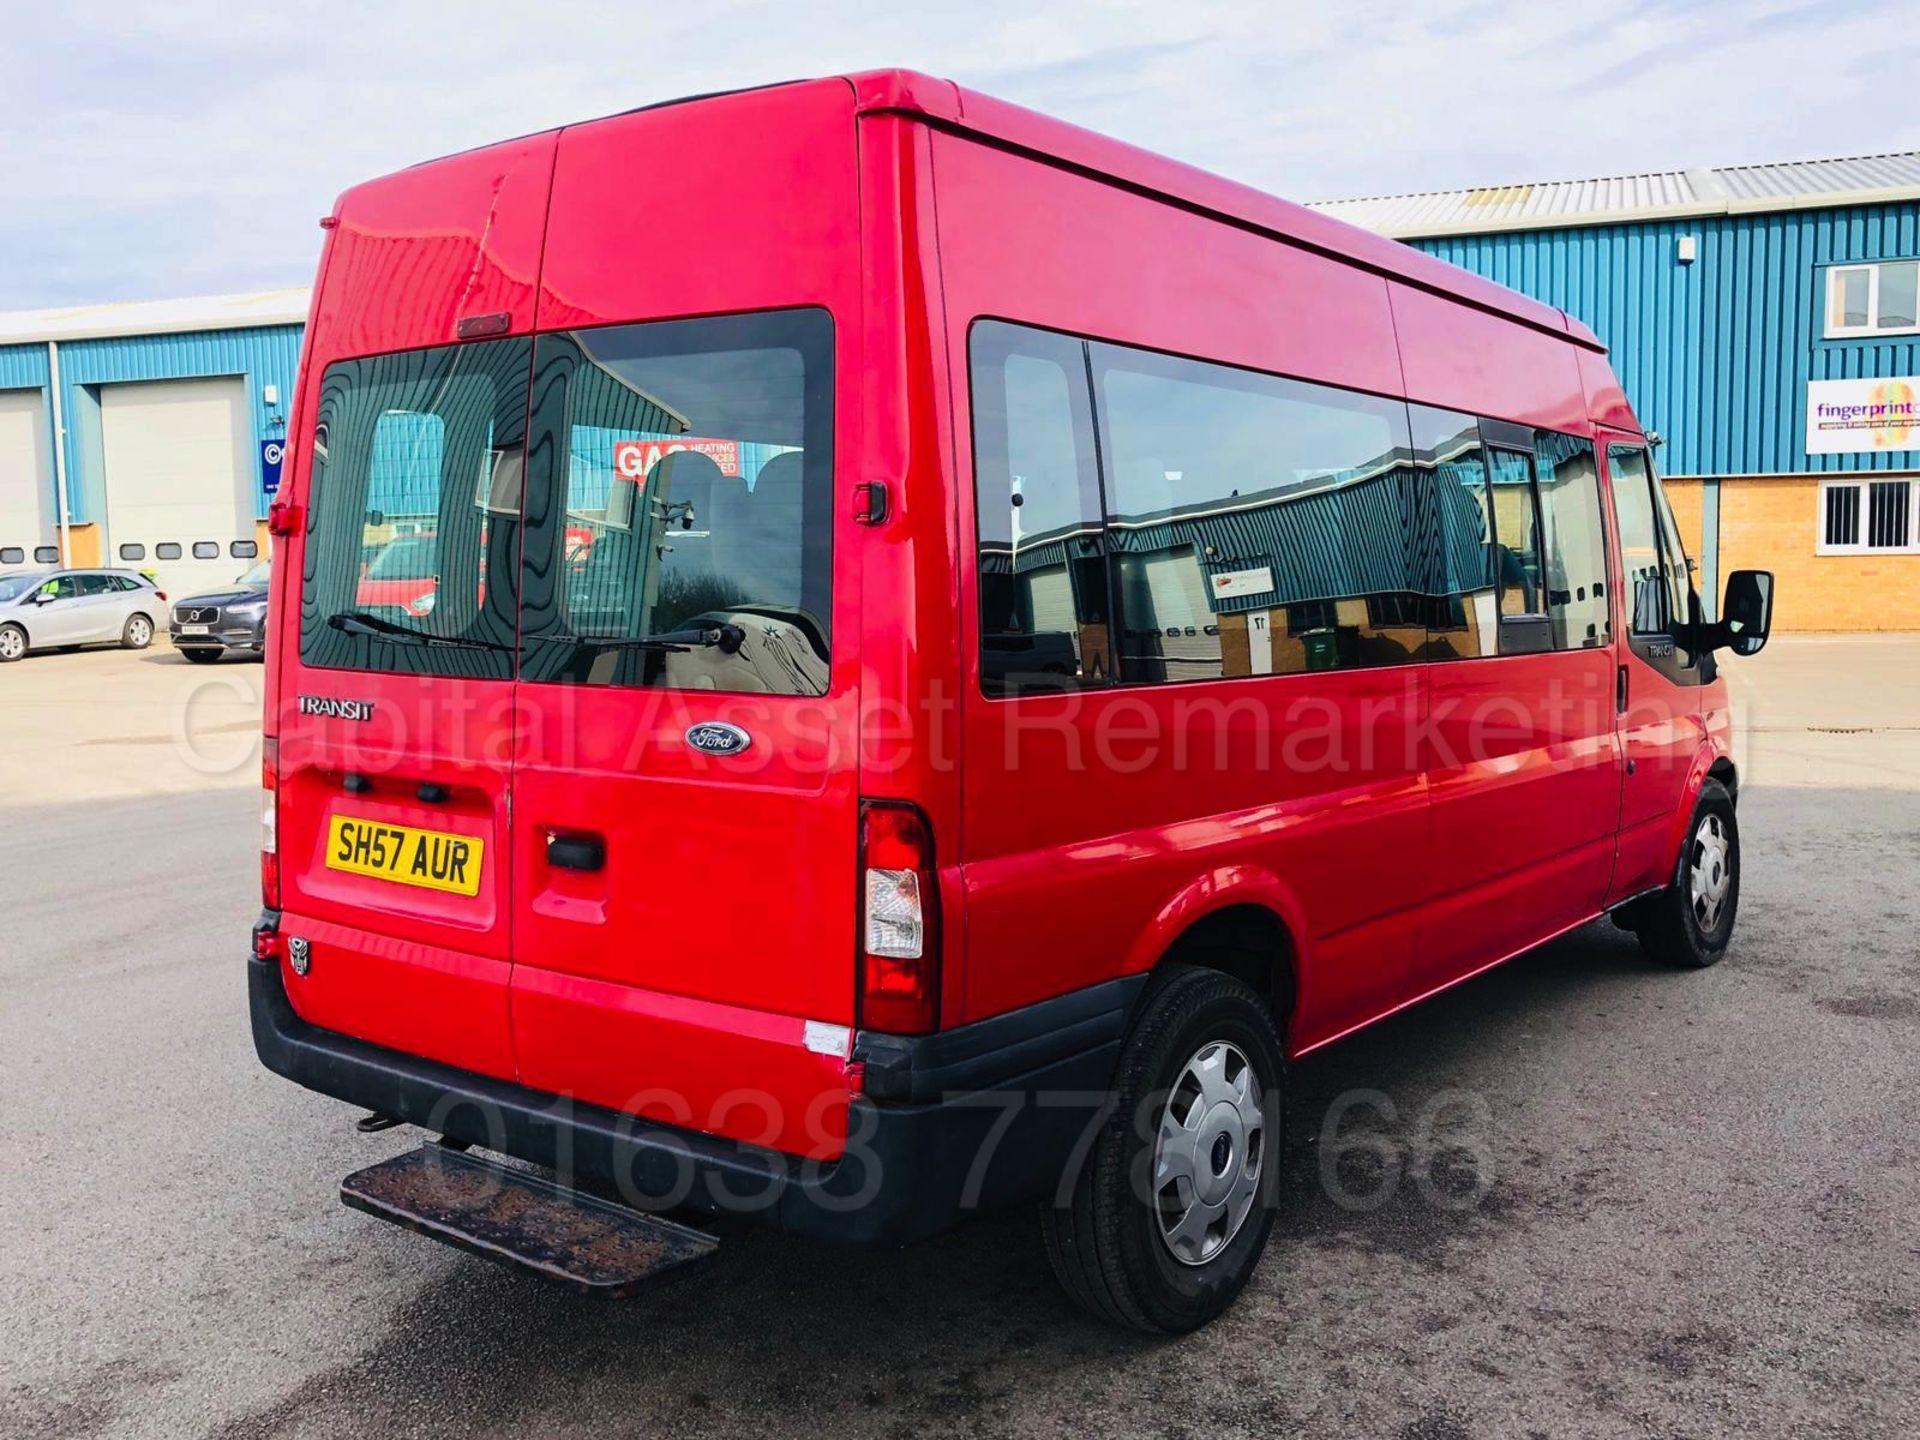 Lot 22 - FORD TRANSIT *LWB - 15 SEATER MINI-BUS* (2008 MODEL) '2.4 TDCI - 100 BHP - 5 SPEED'